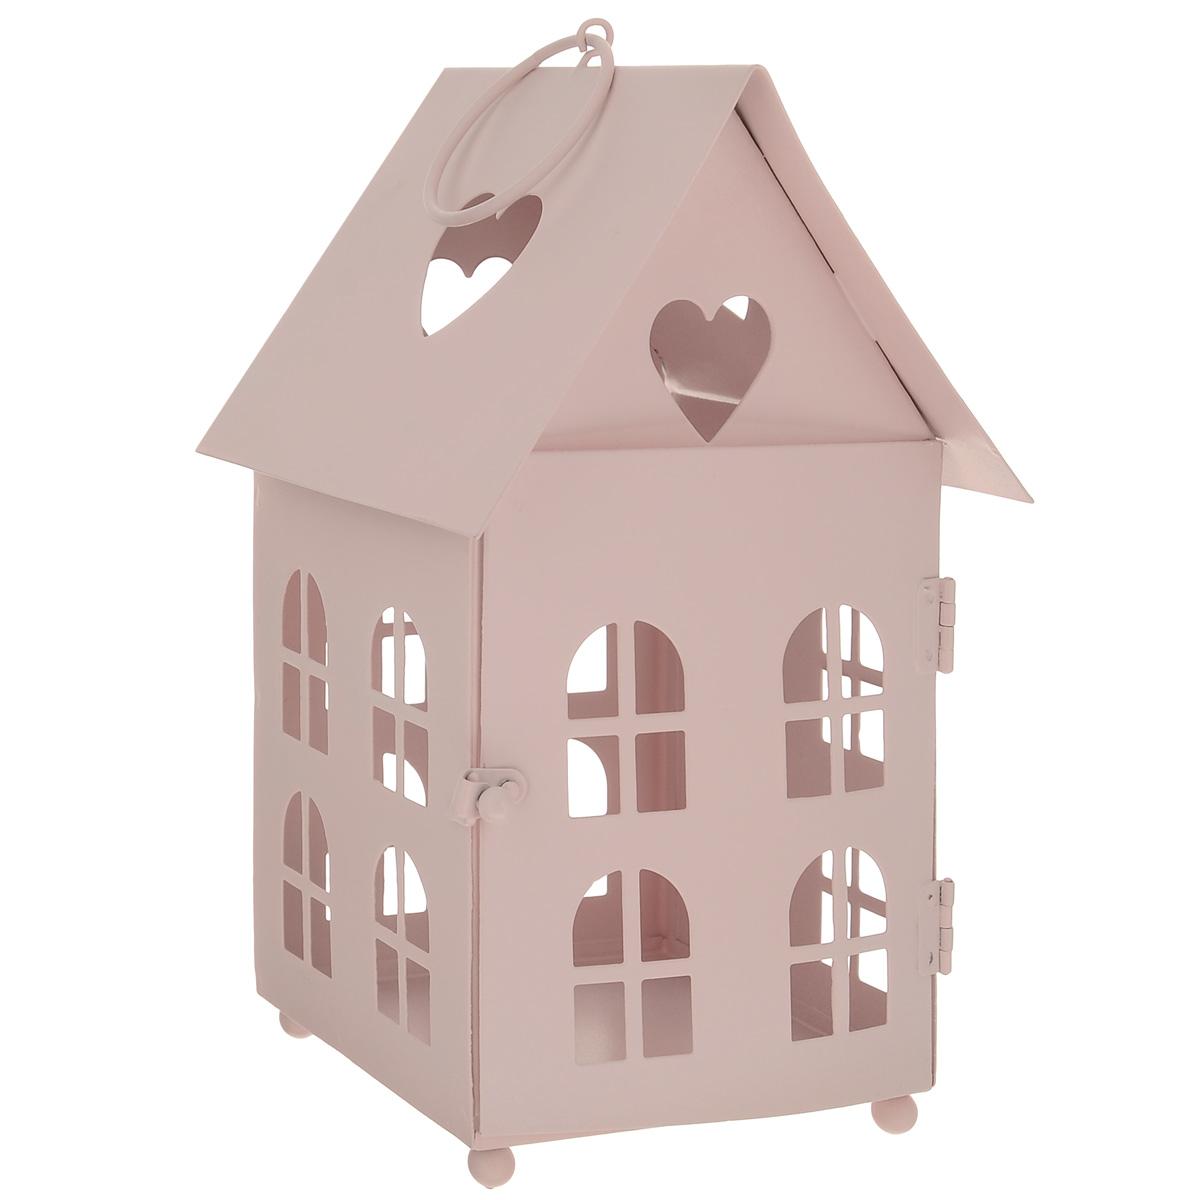 Домик-фонарик декоративный Blossom Line, цвет: нежно-розовый, 11 х 11 х 18,5 смBL0070131Декоративный домик-фонарик Blossom Line, изготовленный из окрашенного металла, - прекрасный выбор для тех, кто хочет сделать запоминающийся подарок родным и близким. Кроме того, он может хорошо вписаться в интерьер вашего дома или дачи. Изделие можно декорировать разными материалами (наклейки, ткань, ленты, декоративные цветы и многое другое) и сделать оригинальную композицию. Домик-фонарик оснащен открывающейся дверцей и металлическим кольцом для подвешивания на крючок. Размер: 11 см х 11 см х 18,5 см. Размер дверцы: 9 см х 11 см.